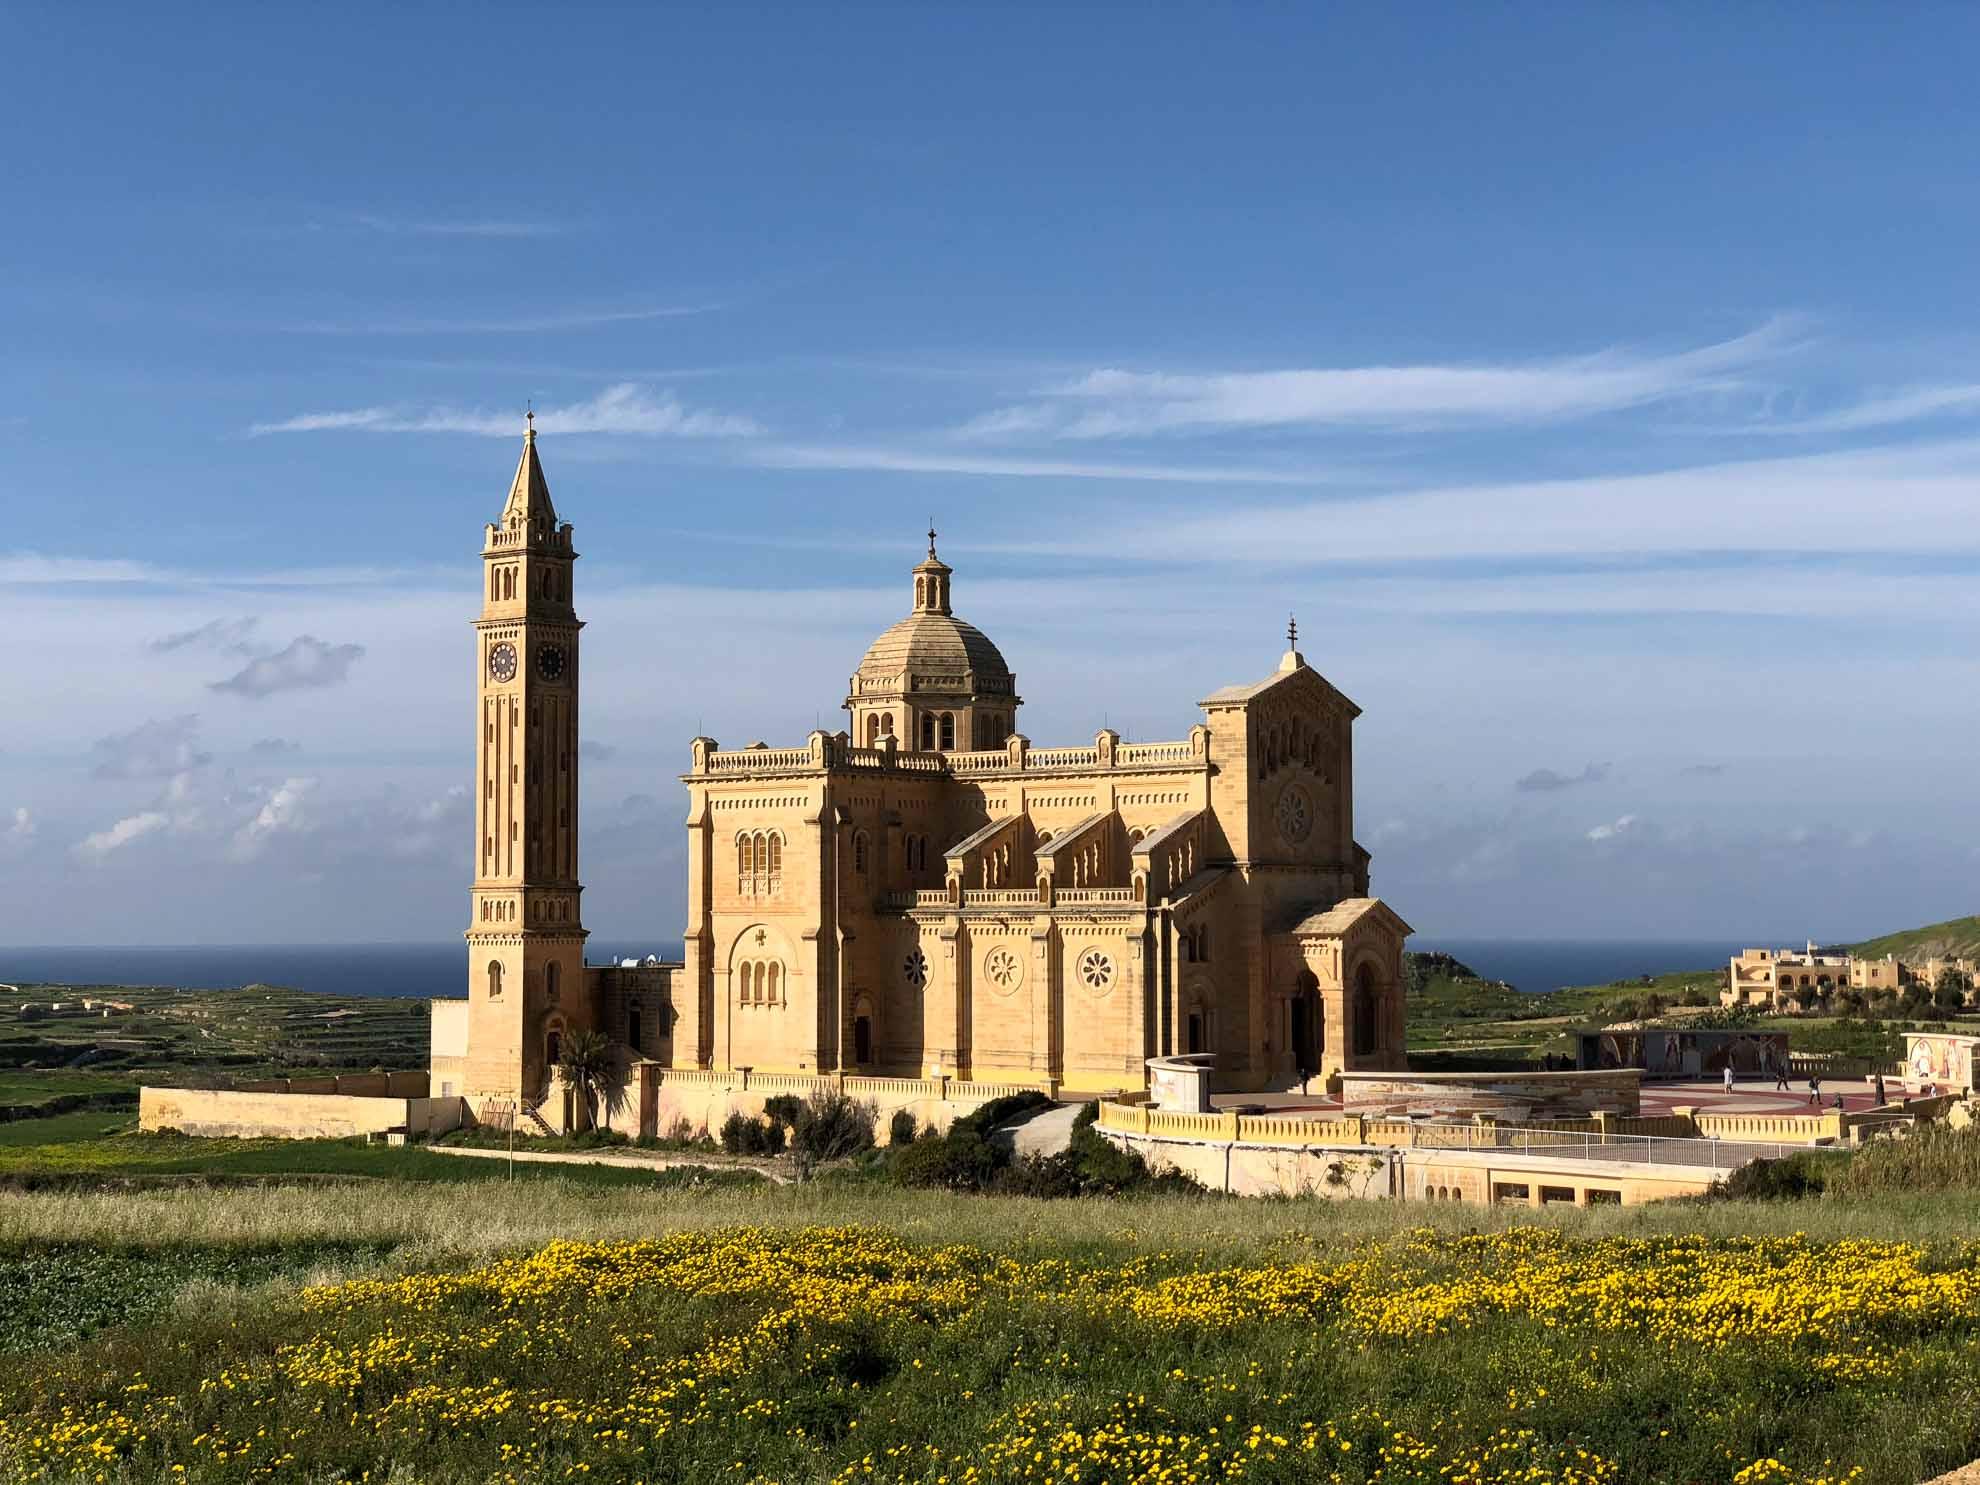 """Beeindruckend ist auch die Basilika """"Ta'Pino"""". Sie wurde 1920 als Wallfahrtskirche errichtet und gehört zum Bistum Gozo."""